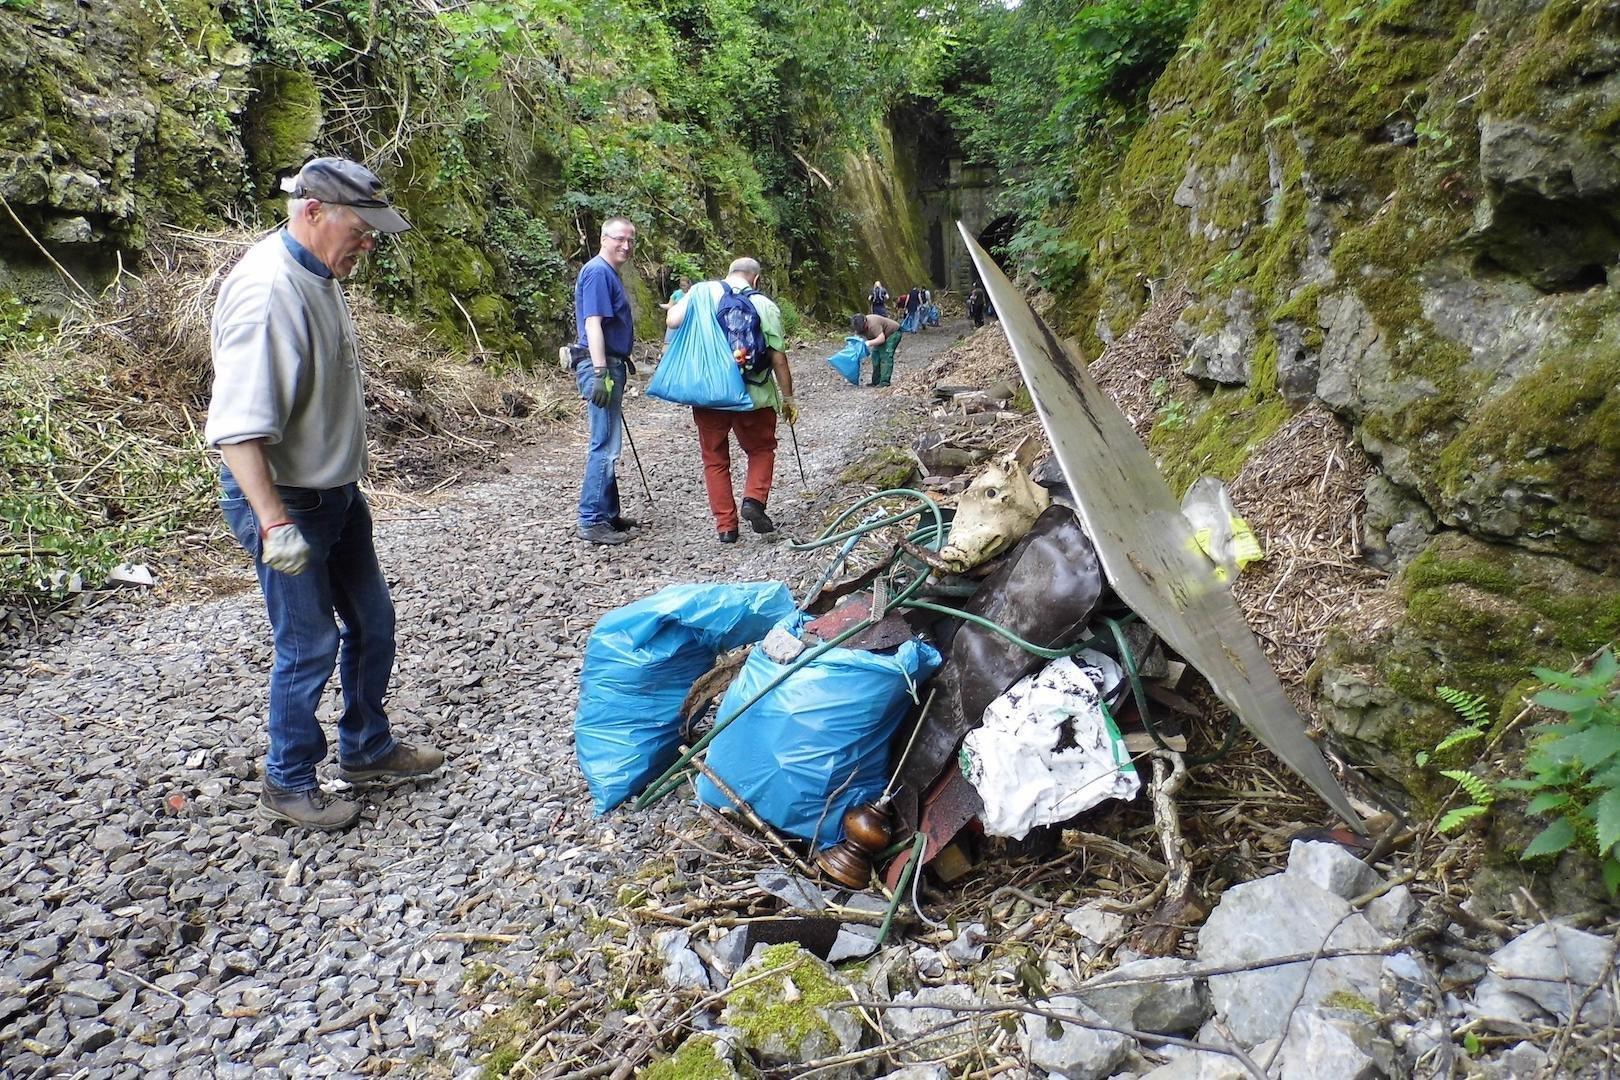 Vier ältere Menschen laufen entlang eines steinigen Weges und sammeln in blauen Säcken den Müll vom Wegesrand.